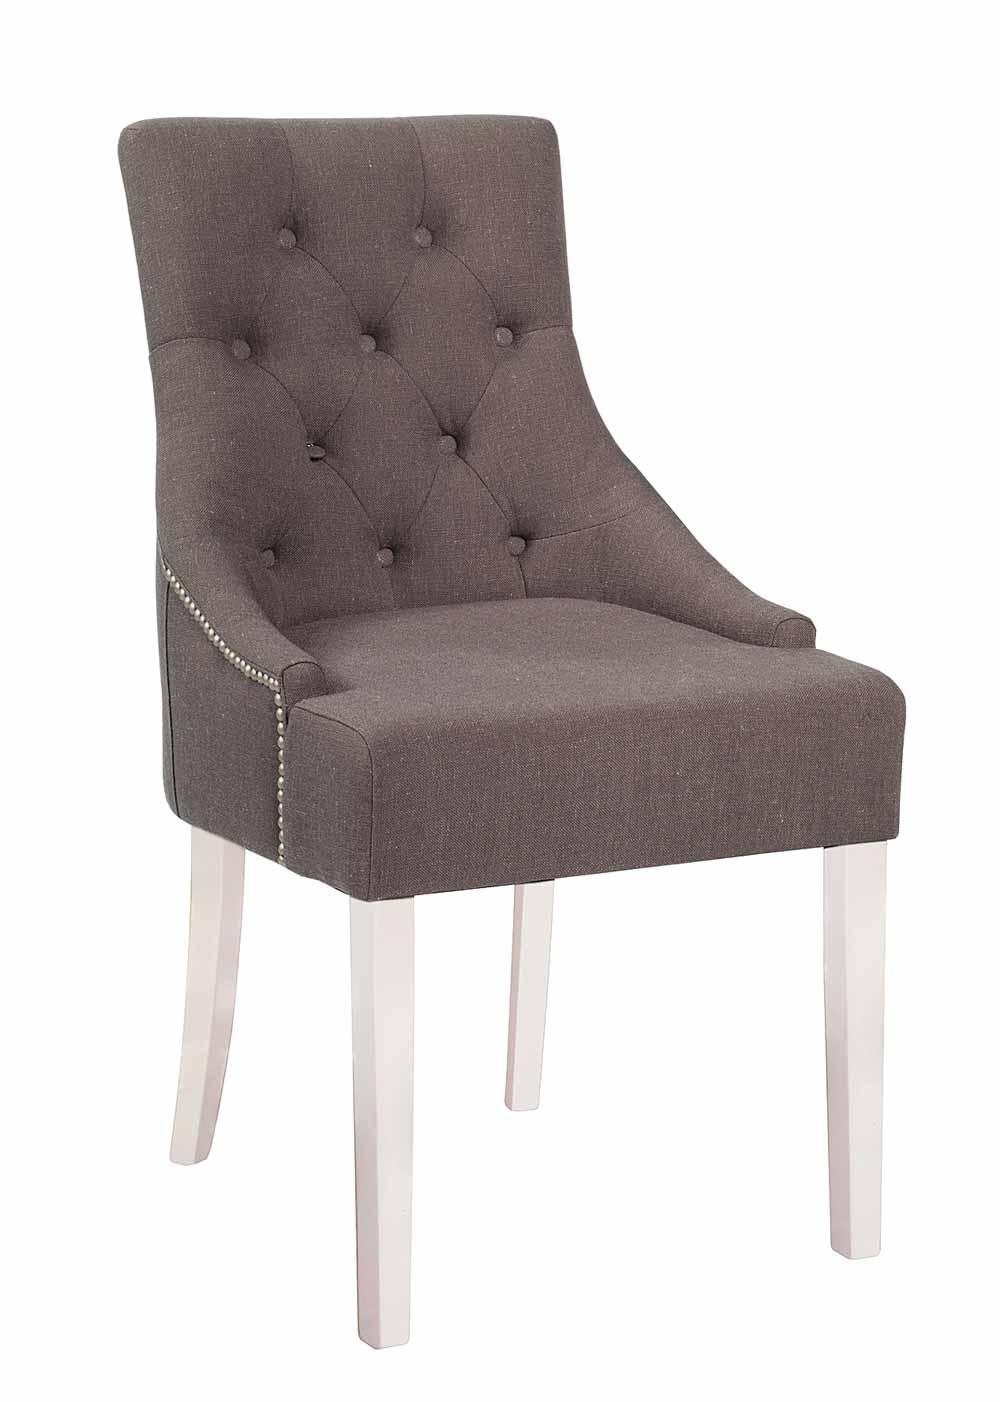 Stella spisebordsstol - Gråt/brunt stof, m. hvide ben